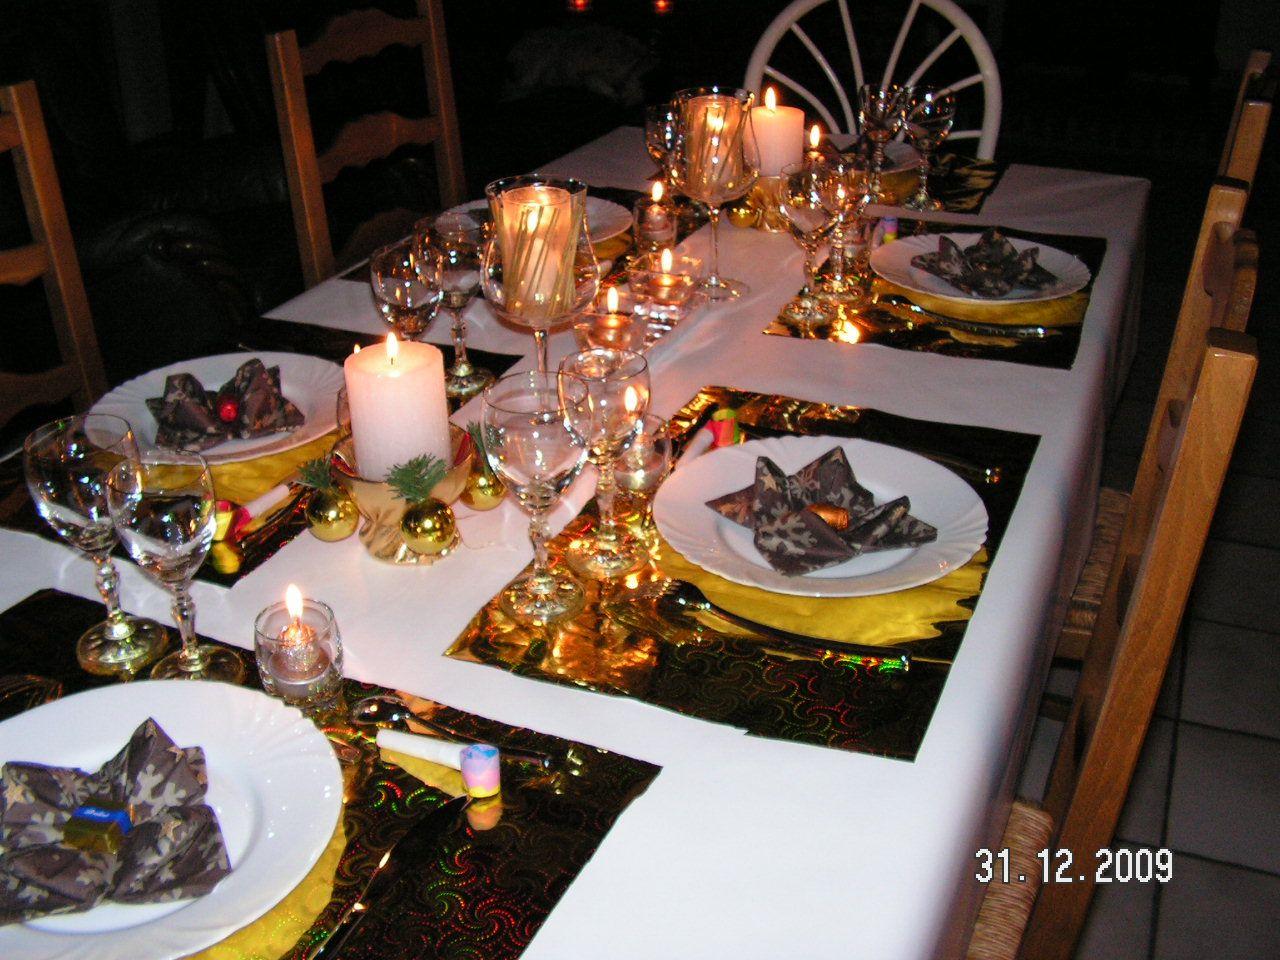 Deco table reveillon free un r veillon du nouvel an rouge et or table de r veillon deco table for Decoration reveillon nouvel an